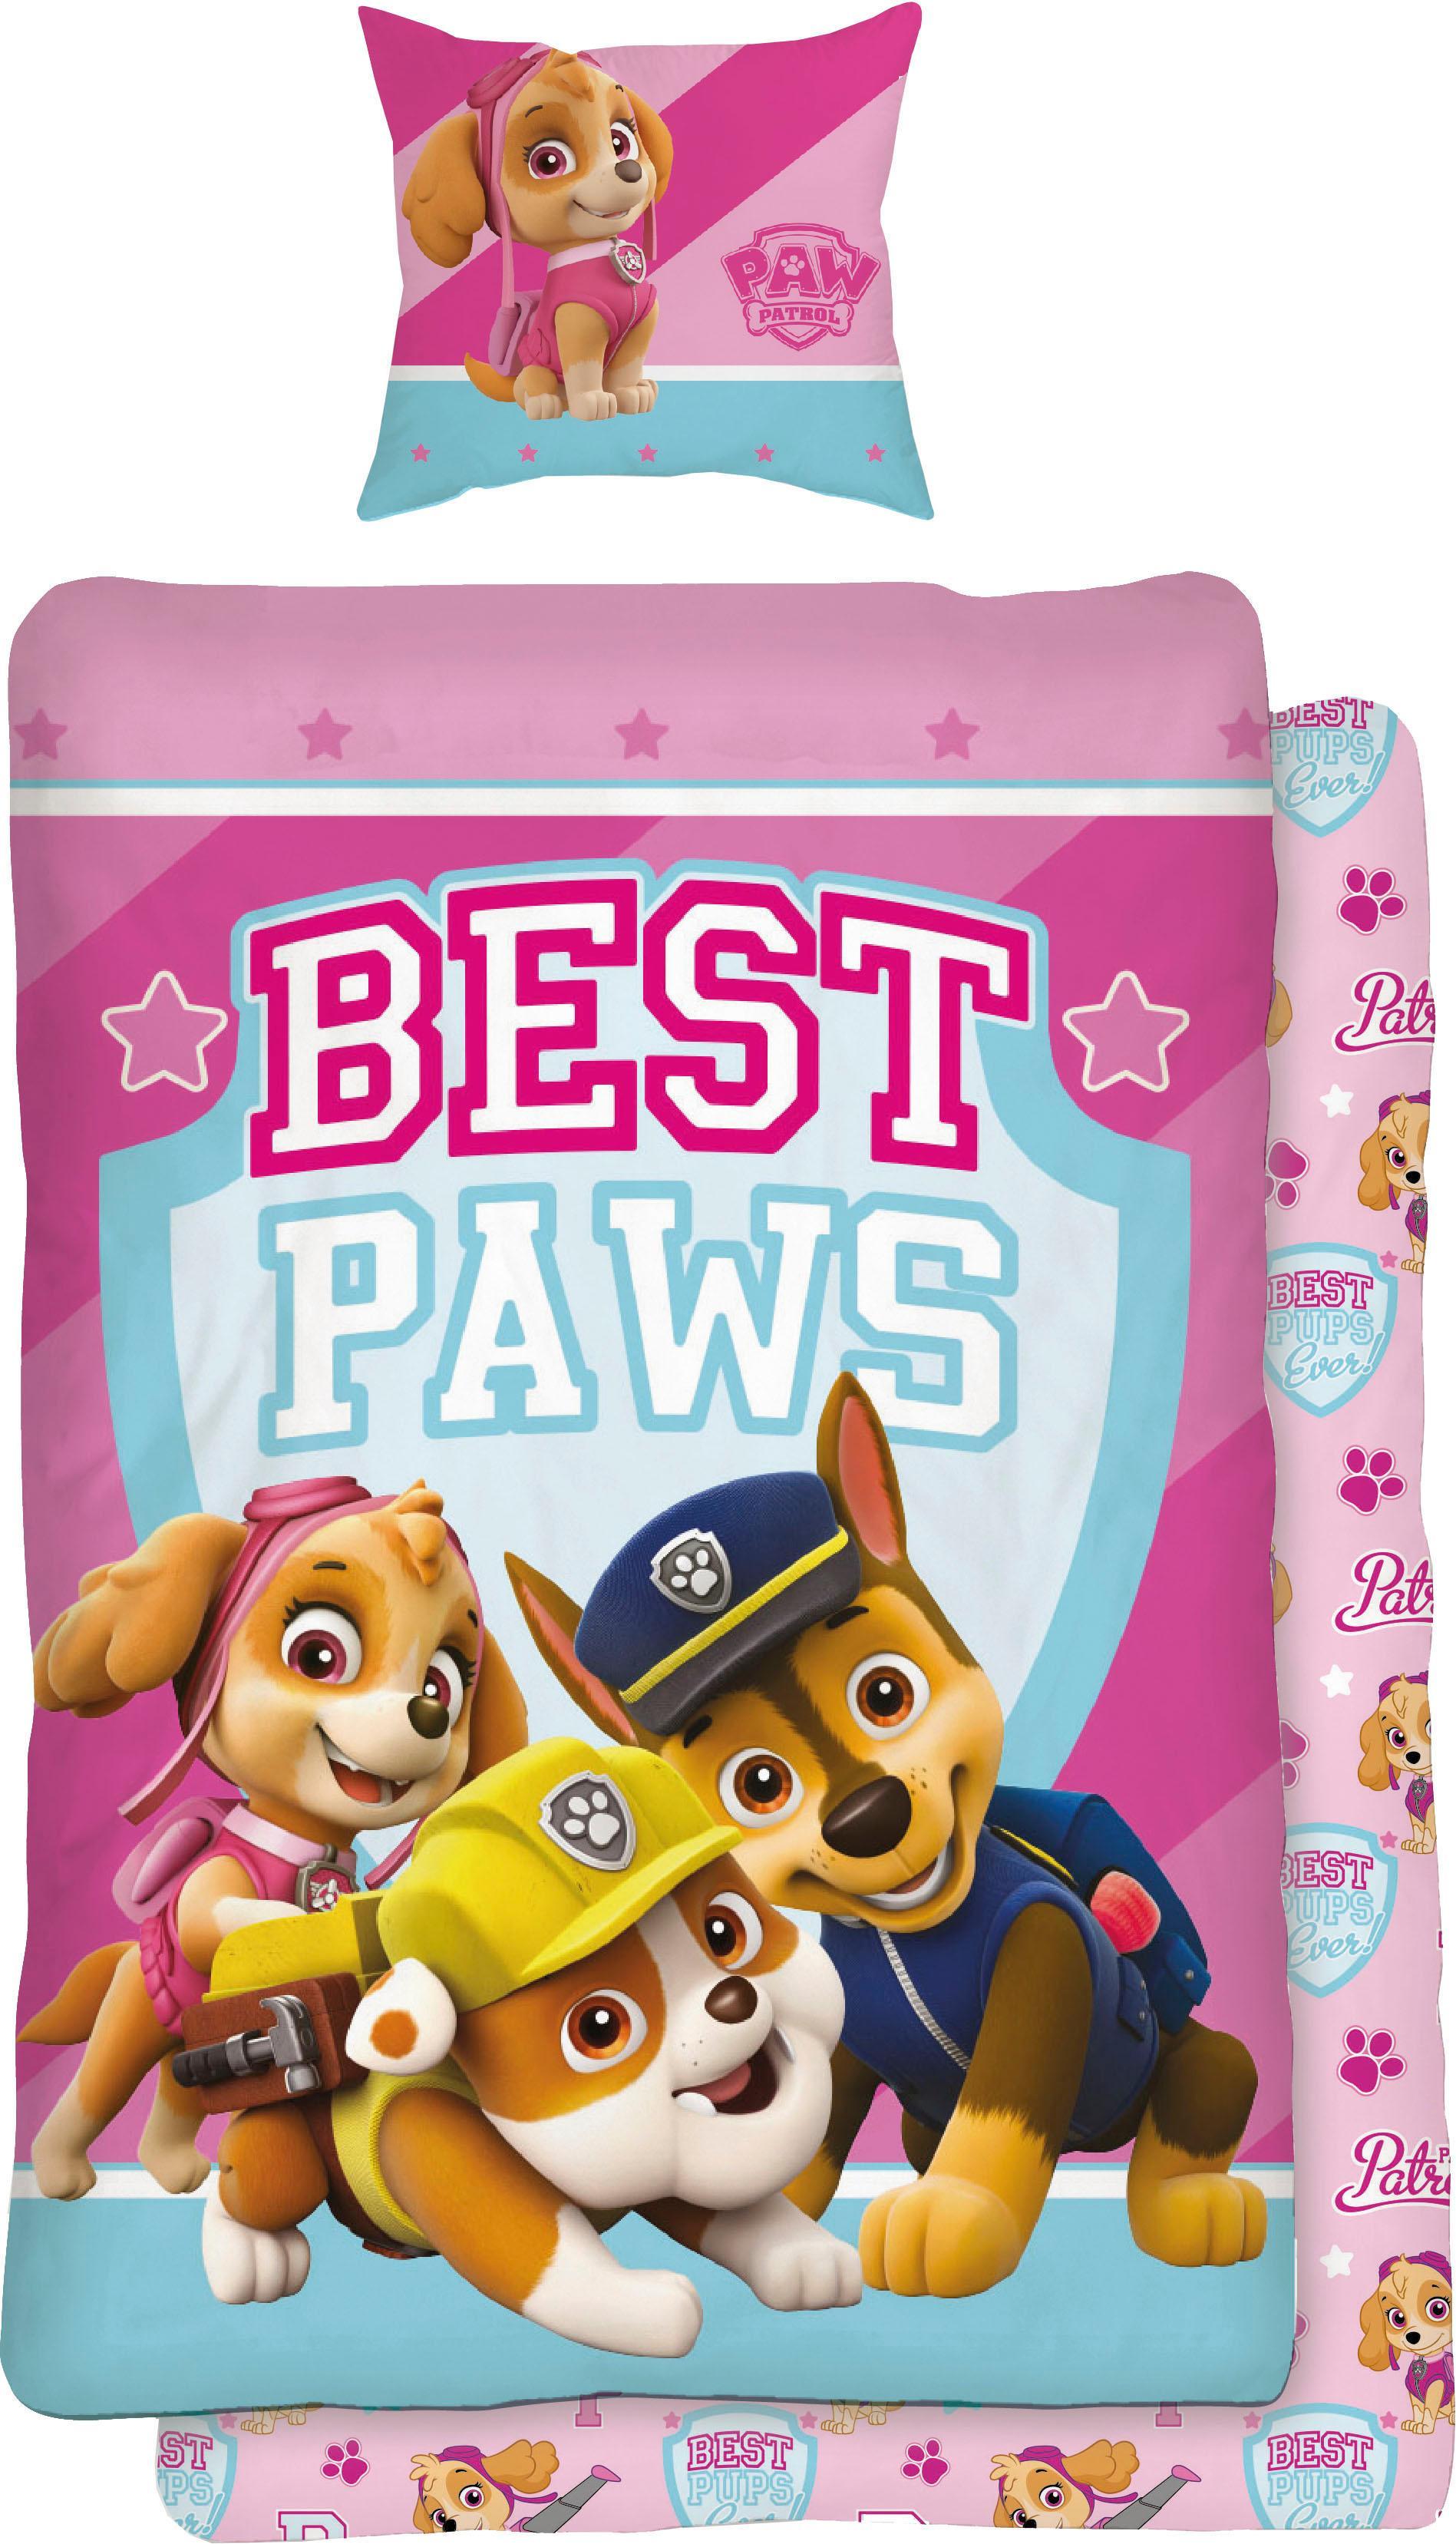 Jugendbettwäsche Best Paws PAW PATROL